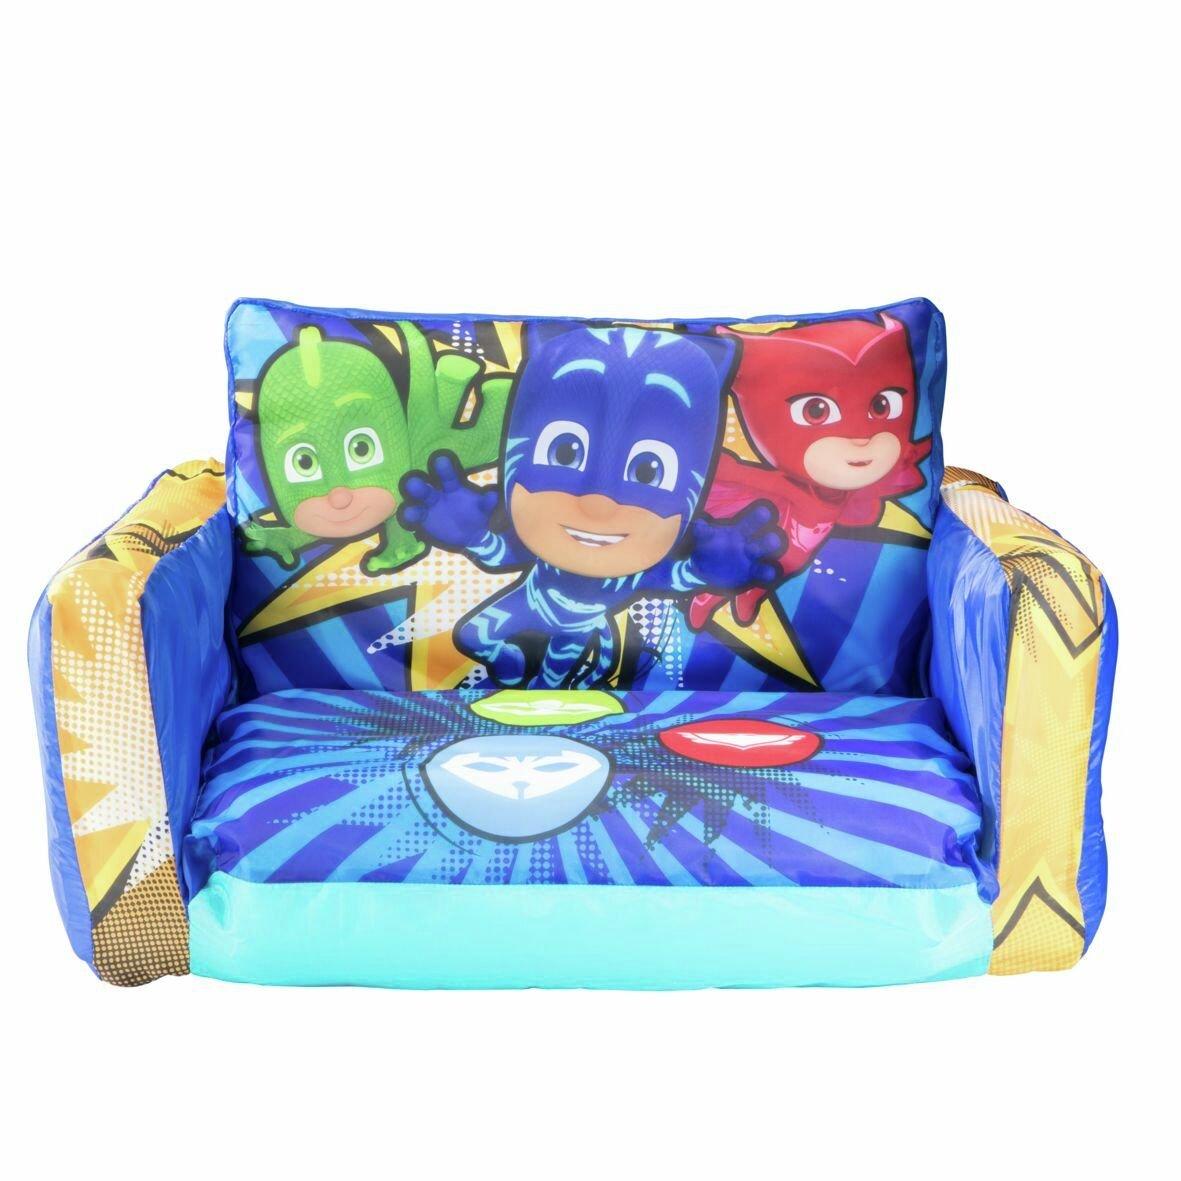 PJ Masks Junior Sofa